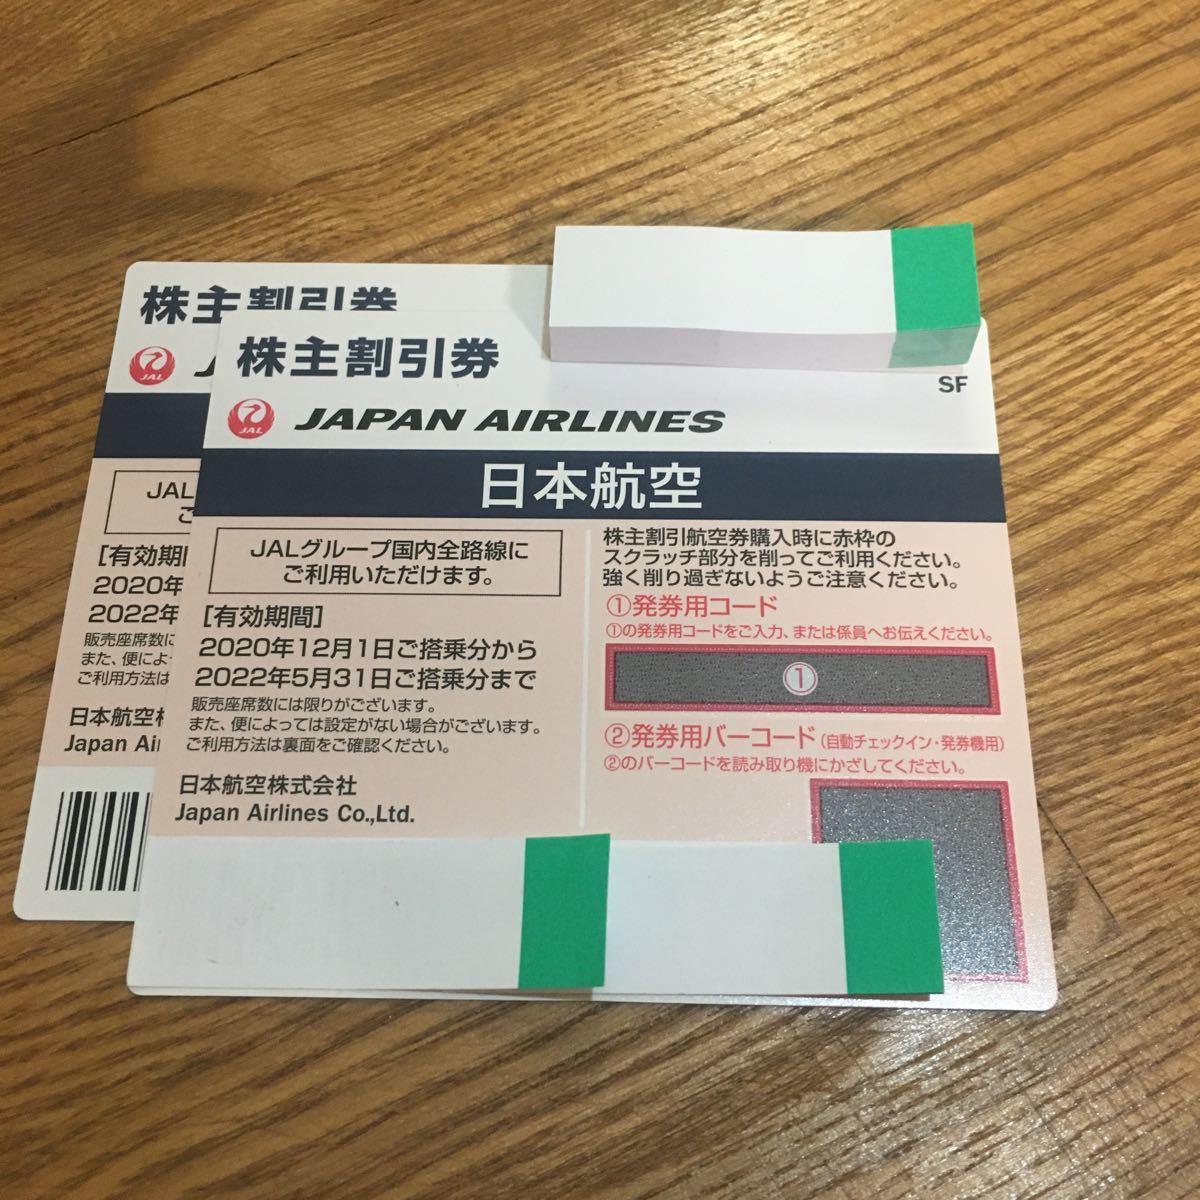 JAL 日本航空 株主優待券2枚セット 50%割引(片道)番号通知のみ送料無料  ~2022年5月31日 搭乗分 航空券 割引券_画像1